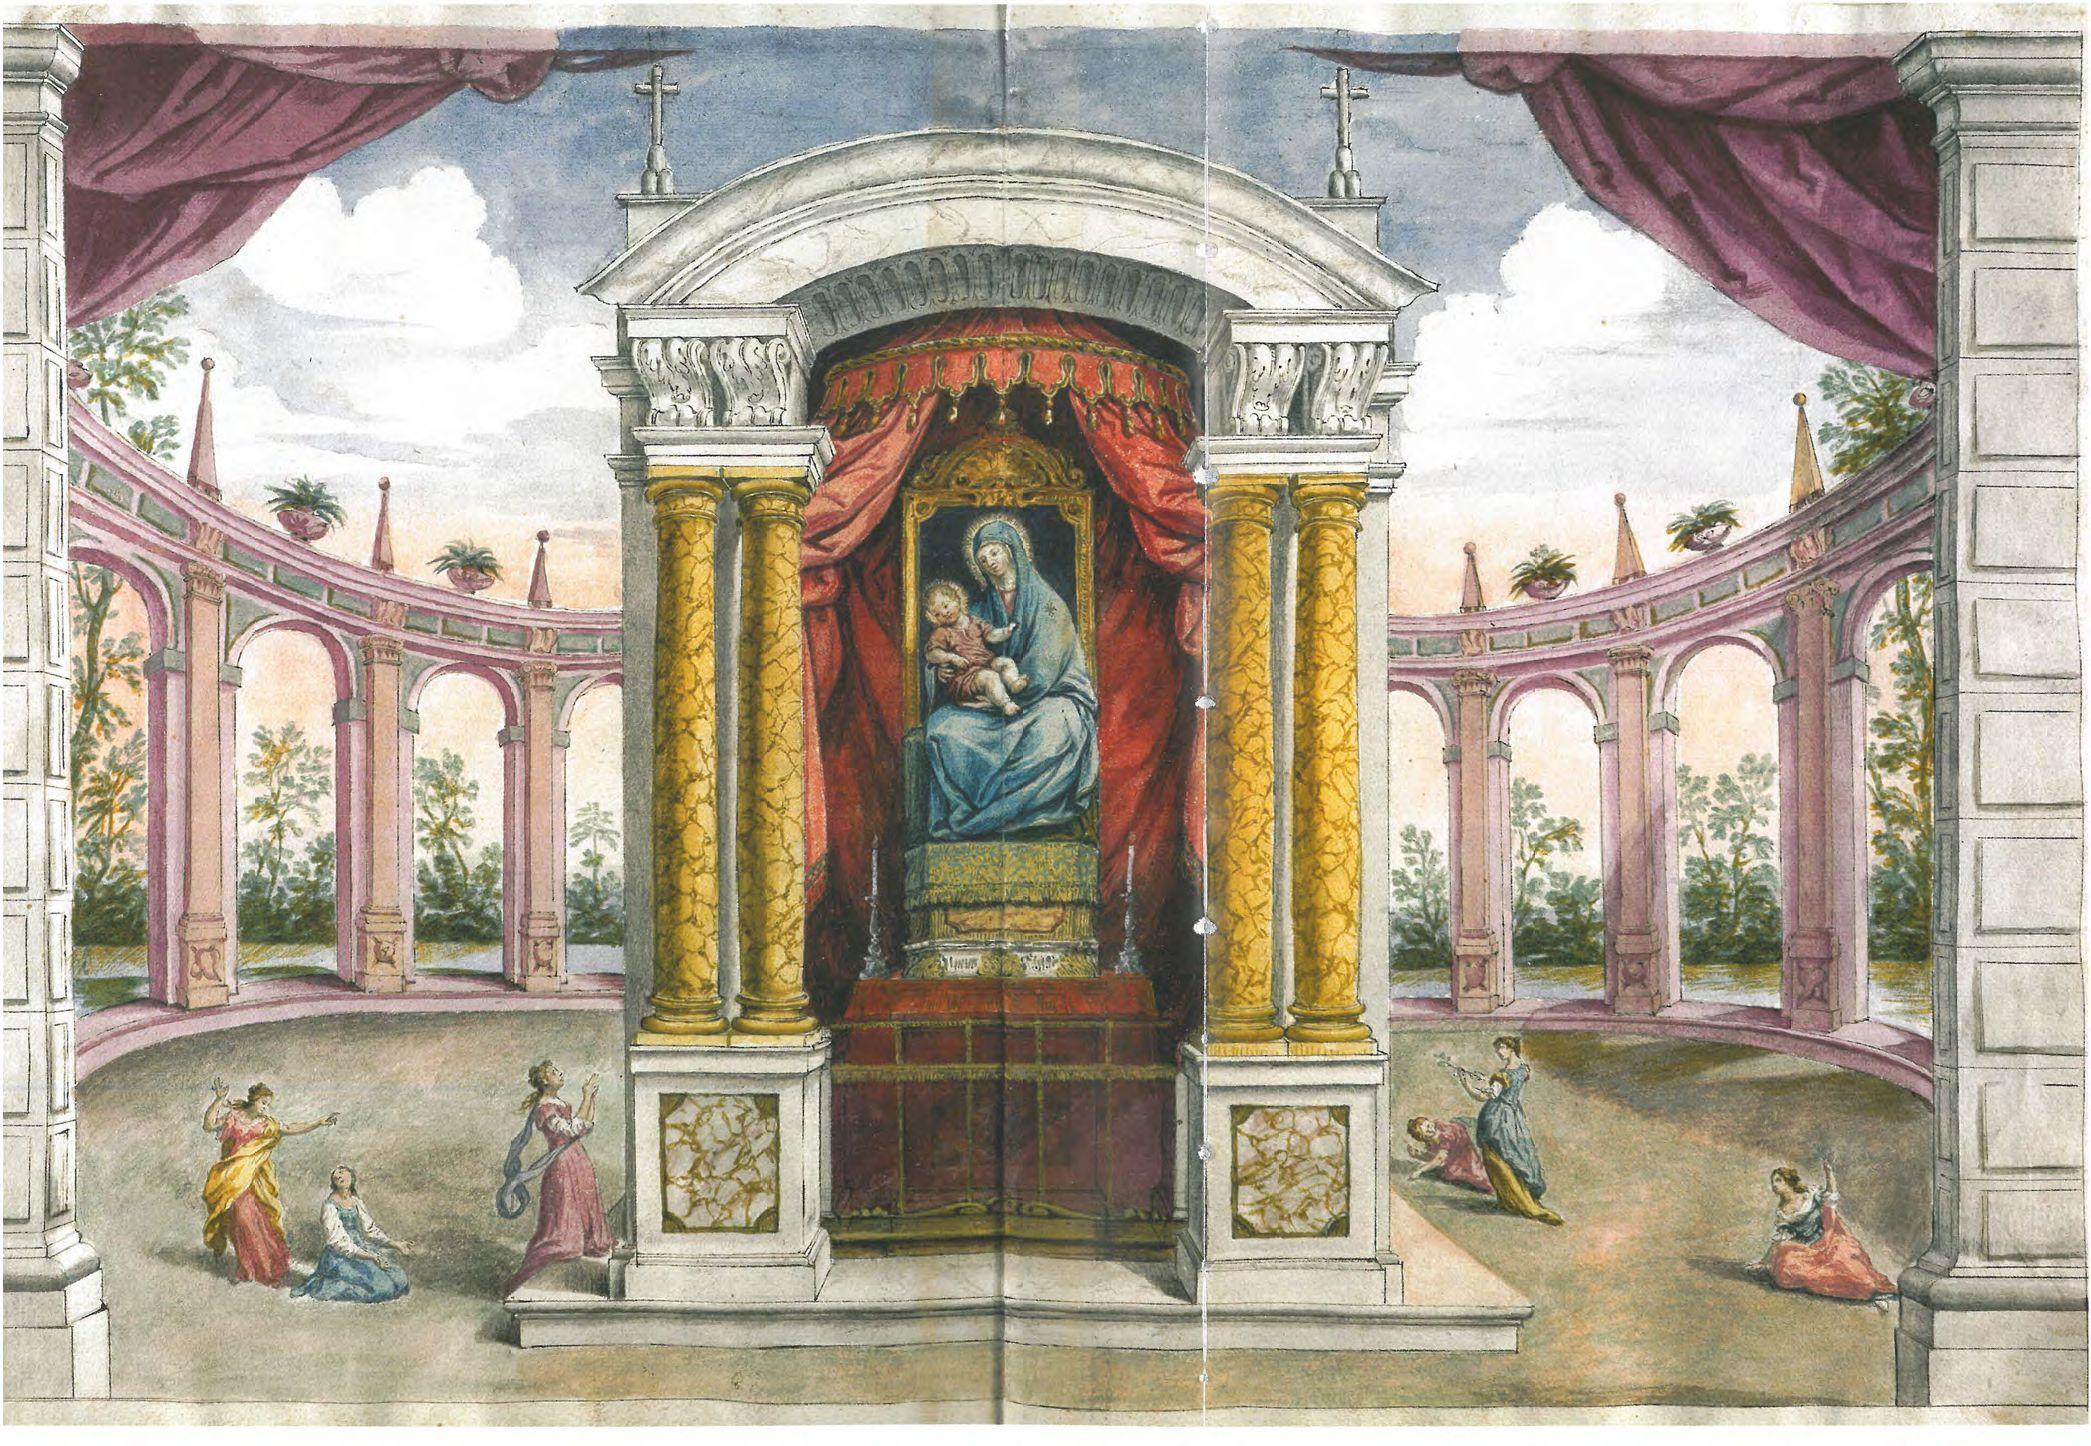 La Madonna del Baraccano nella cappelletta originale in una rappresntazione fantasiosa